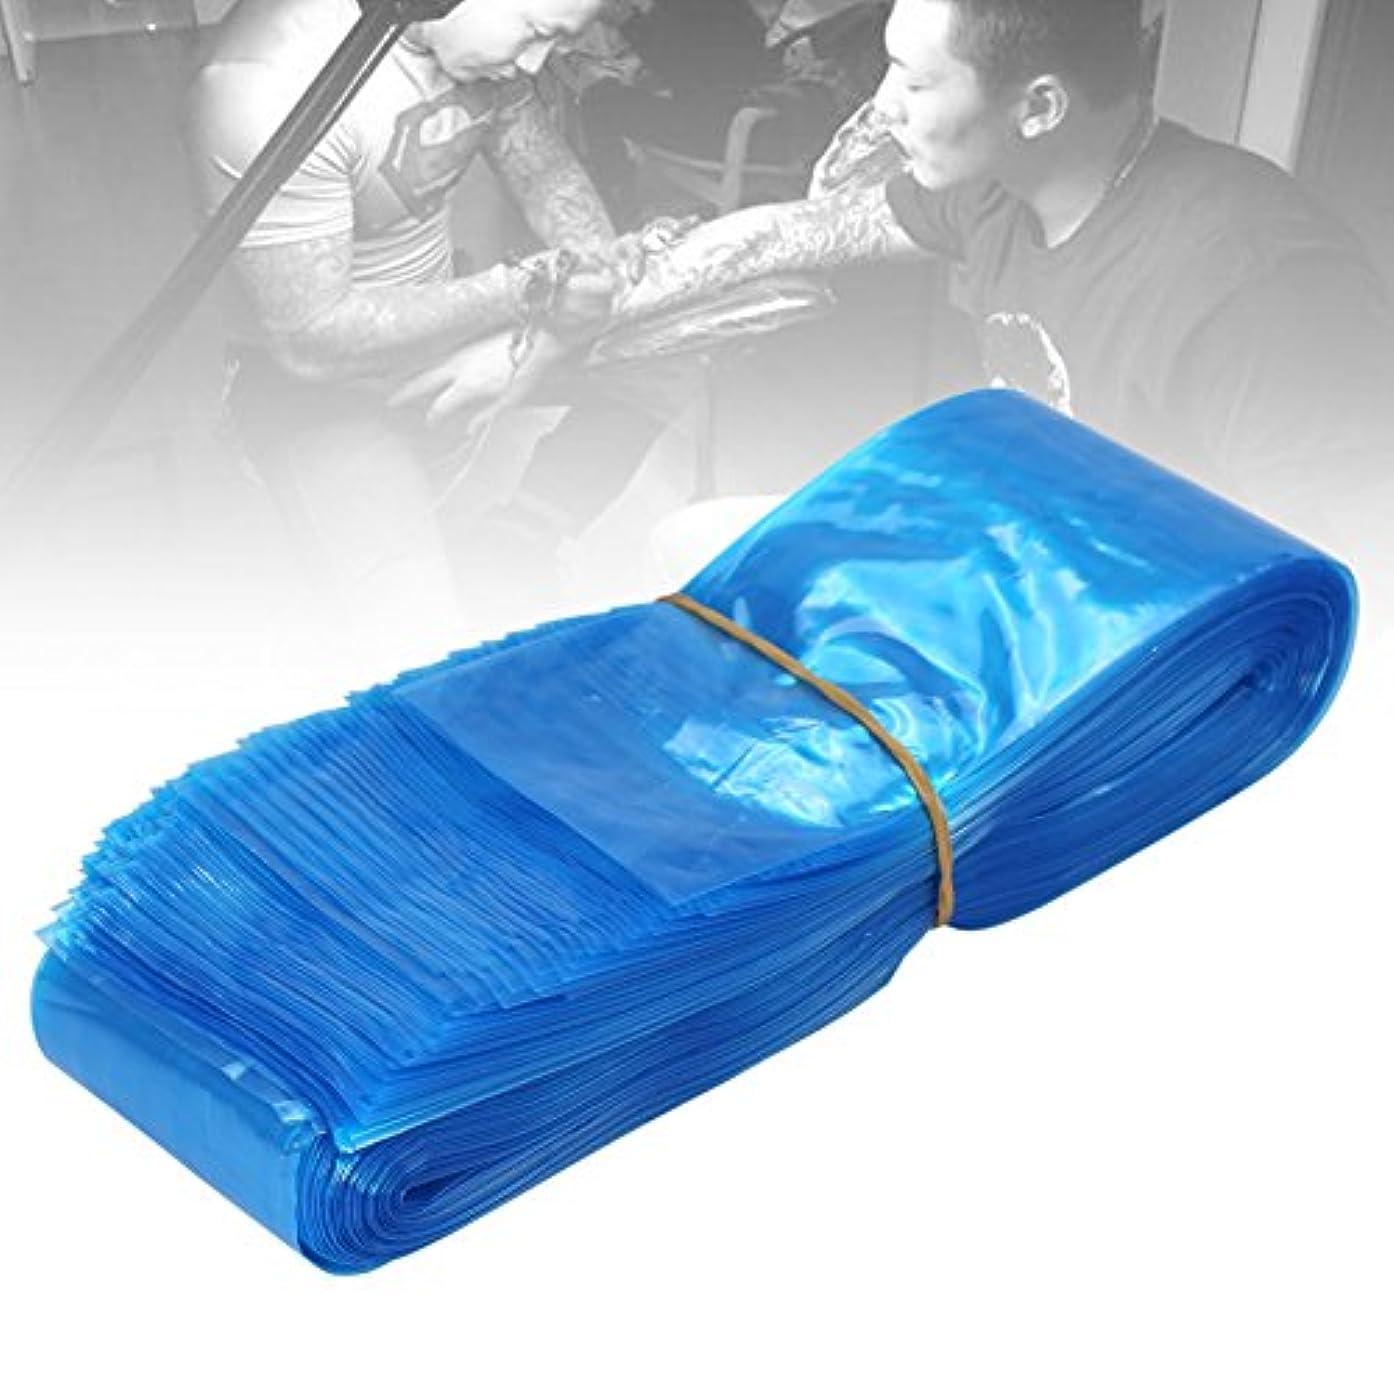 呼び出す耳霜100ピース使い捨てプラスチックブルー医療衛生タトゥーマシンクリップコードフックスリーブカバーバッグ